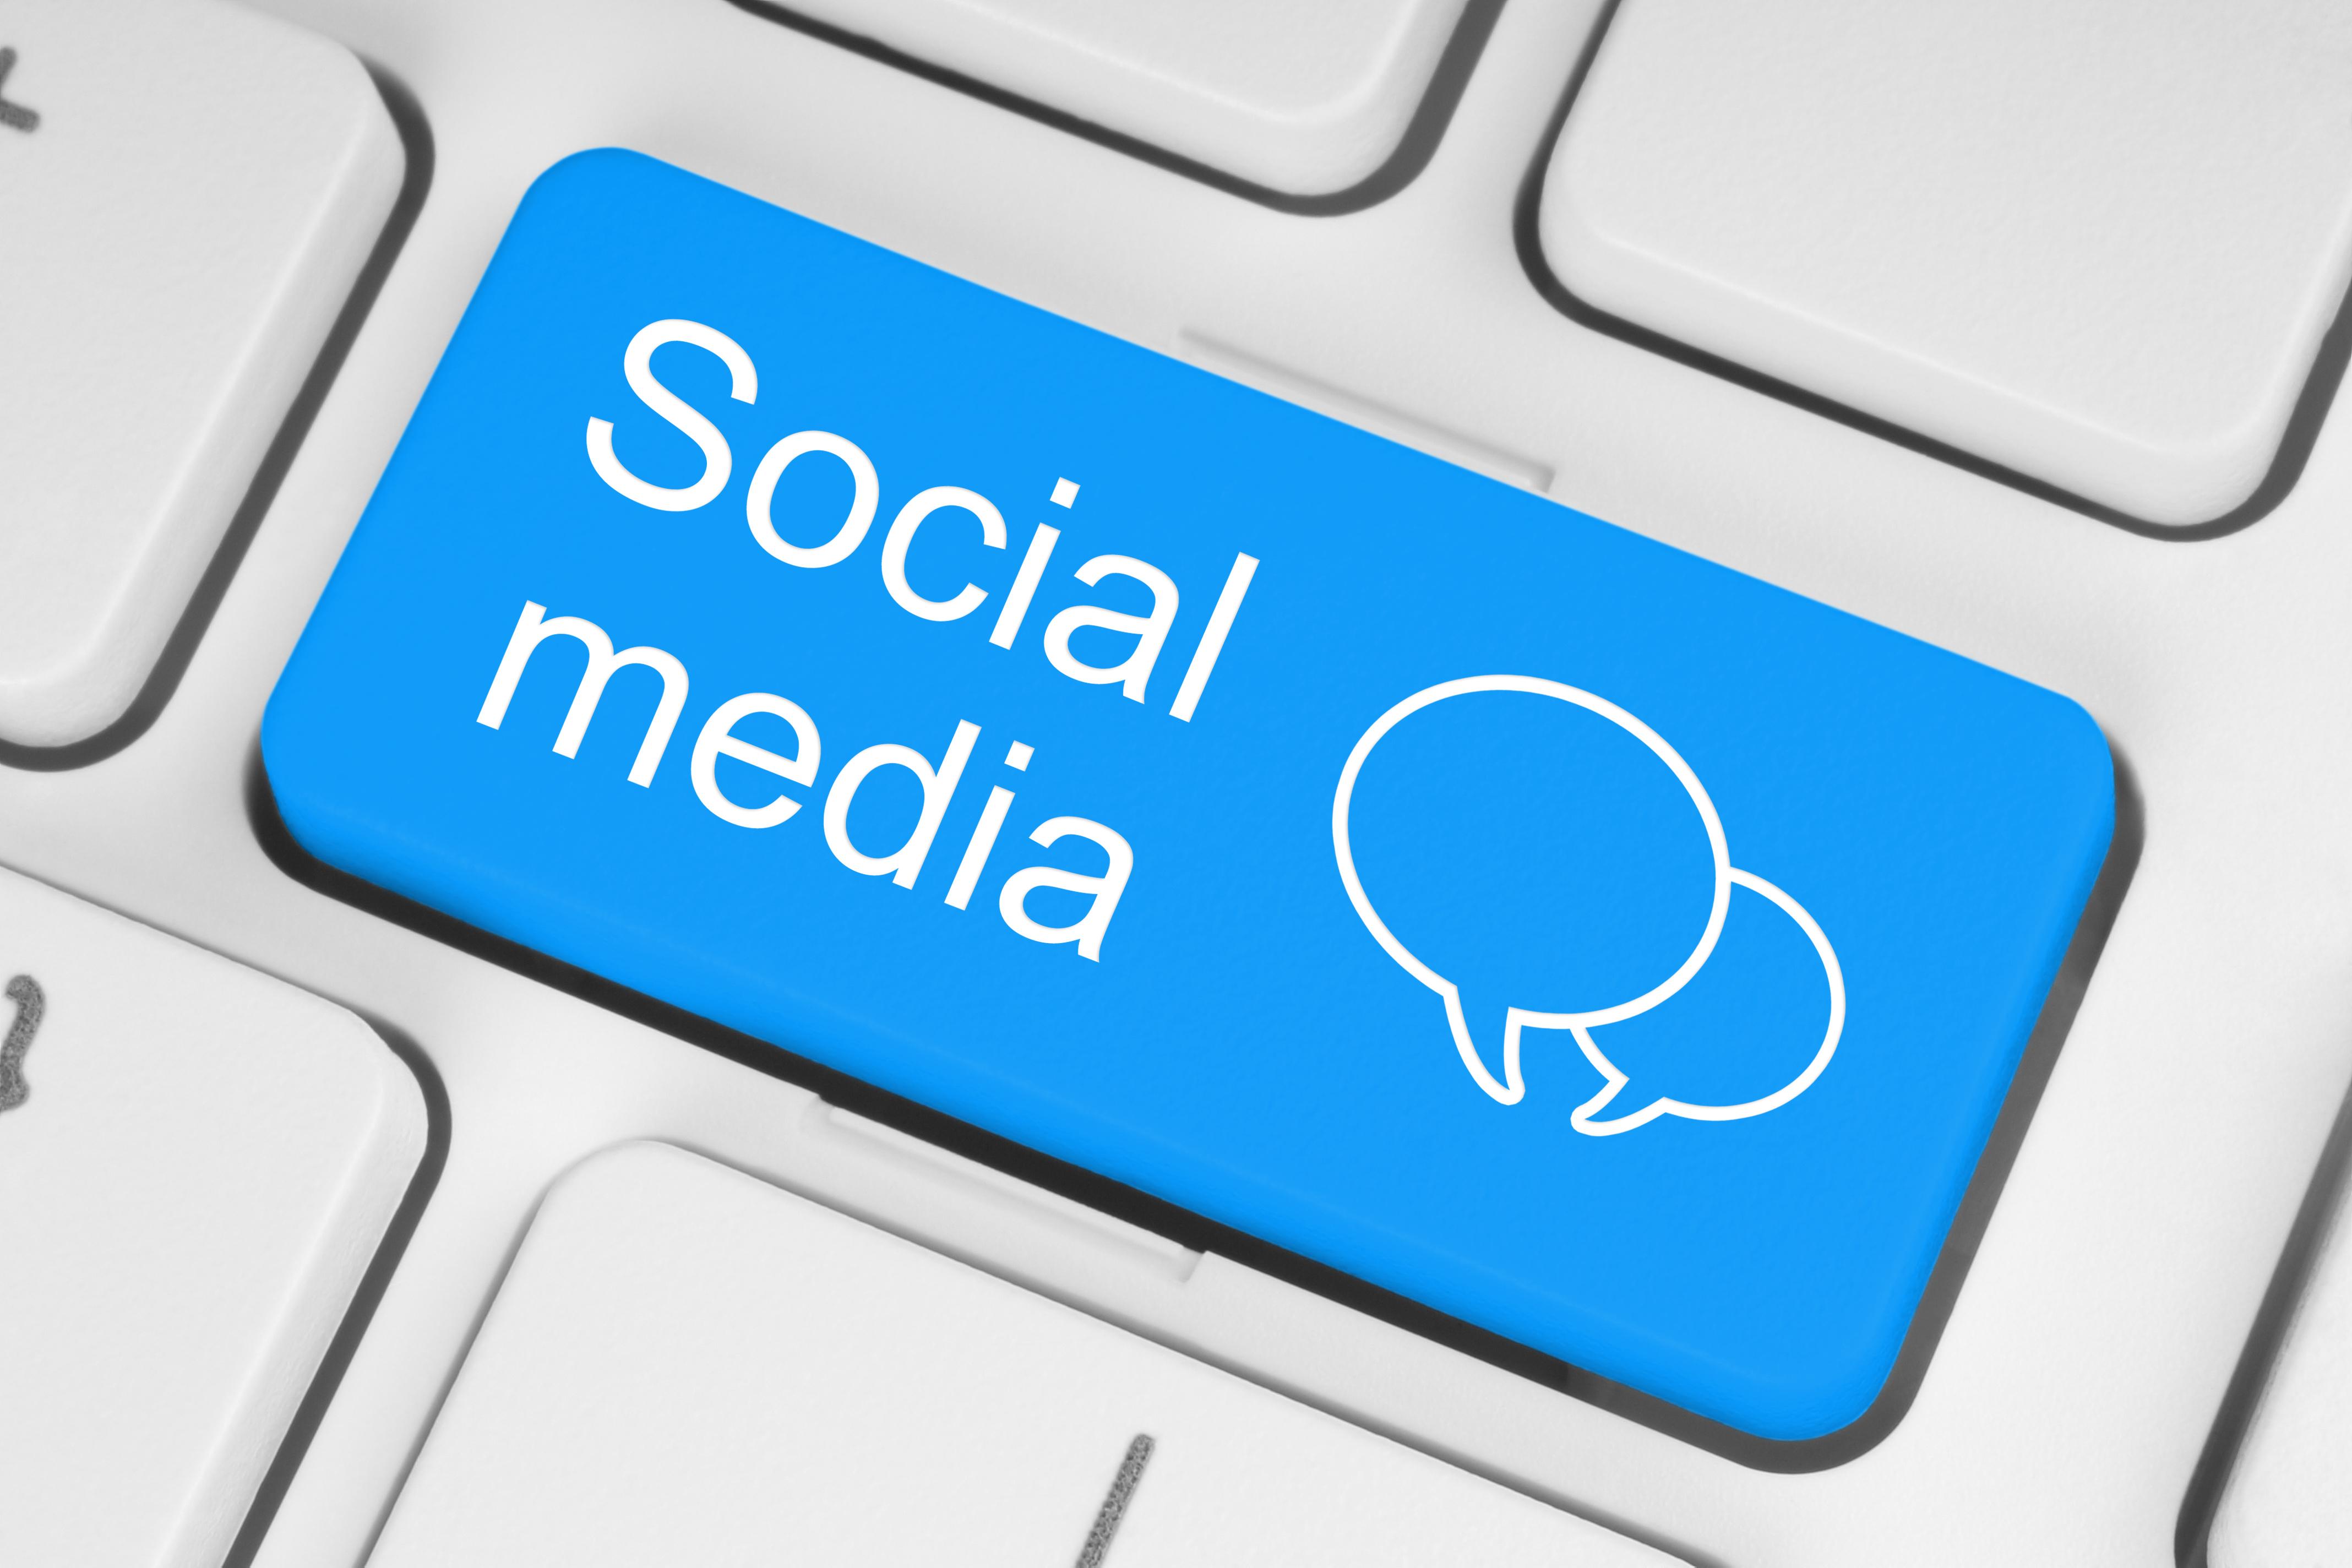 Social Media World HD Wallpaper 3028 Wallpaper Naviwallcom 4272x2848